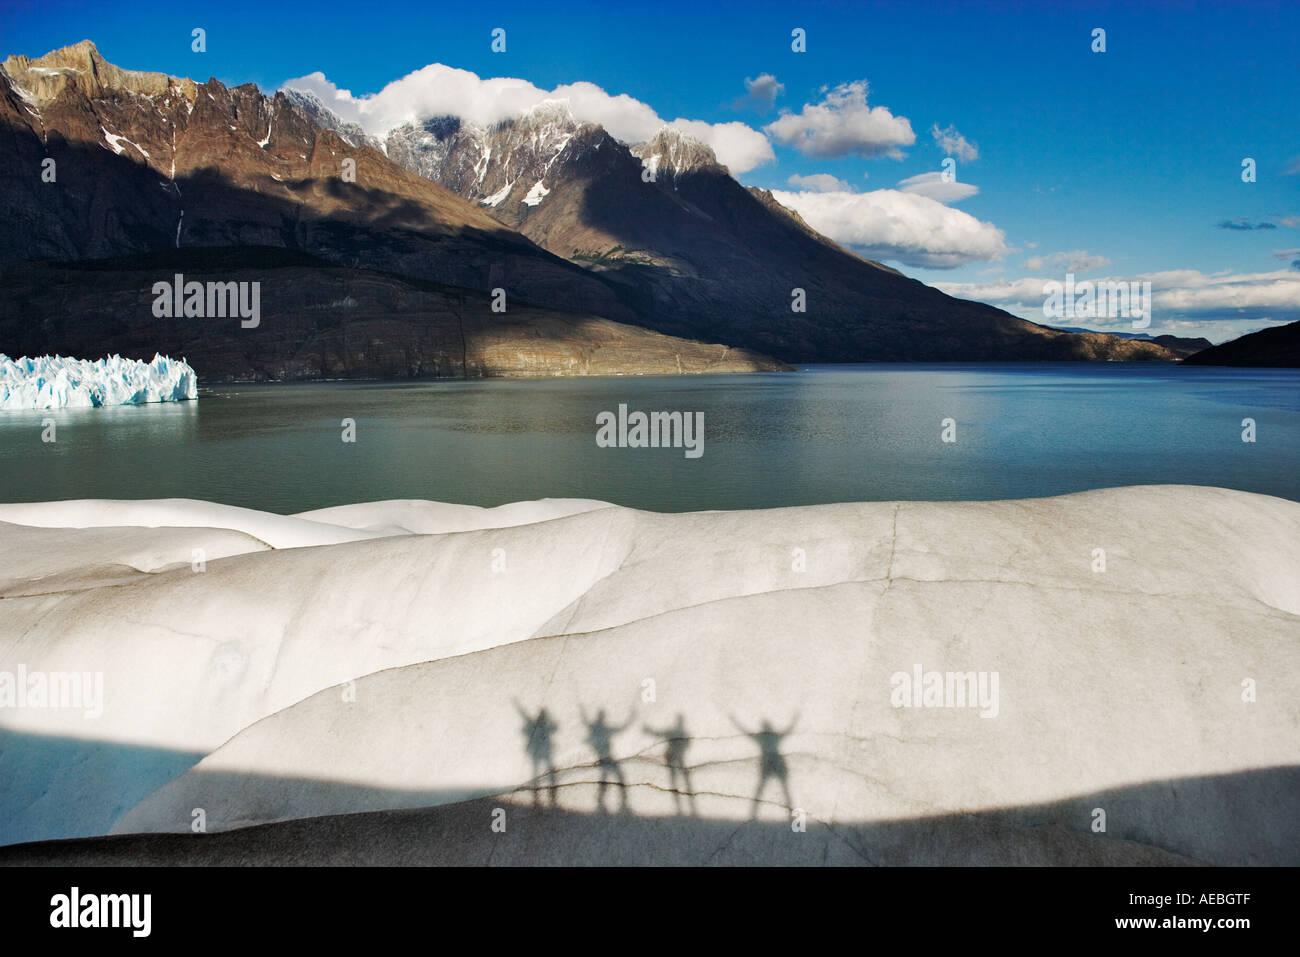 Glacier scalatori sagome Parco Nazionale Torres del Paine cile america del sud Immagini Stock